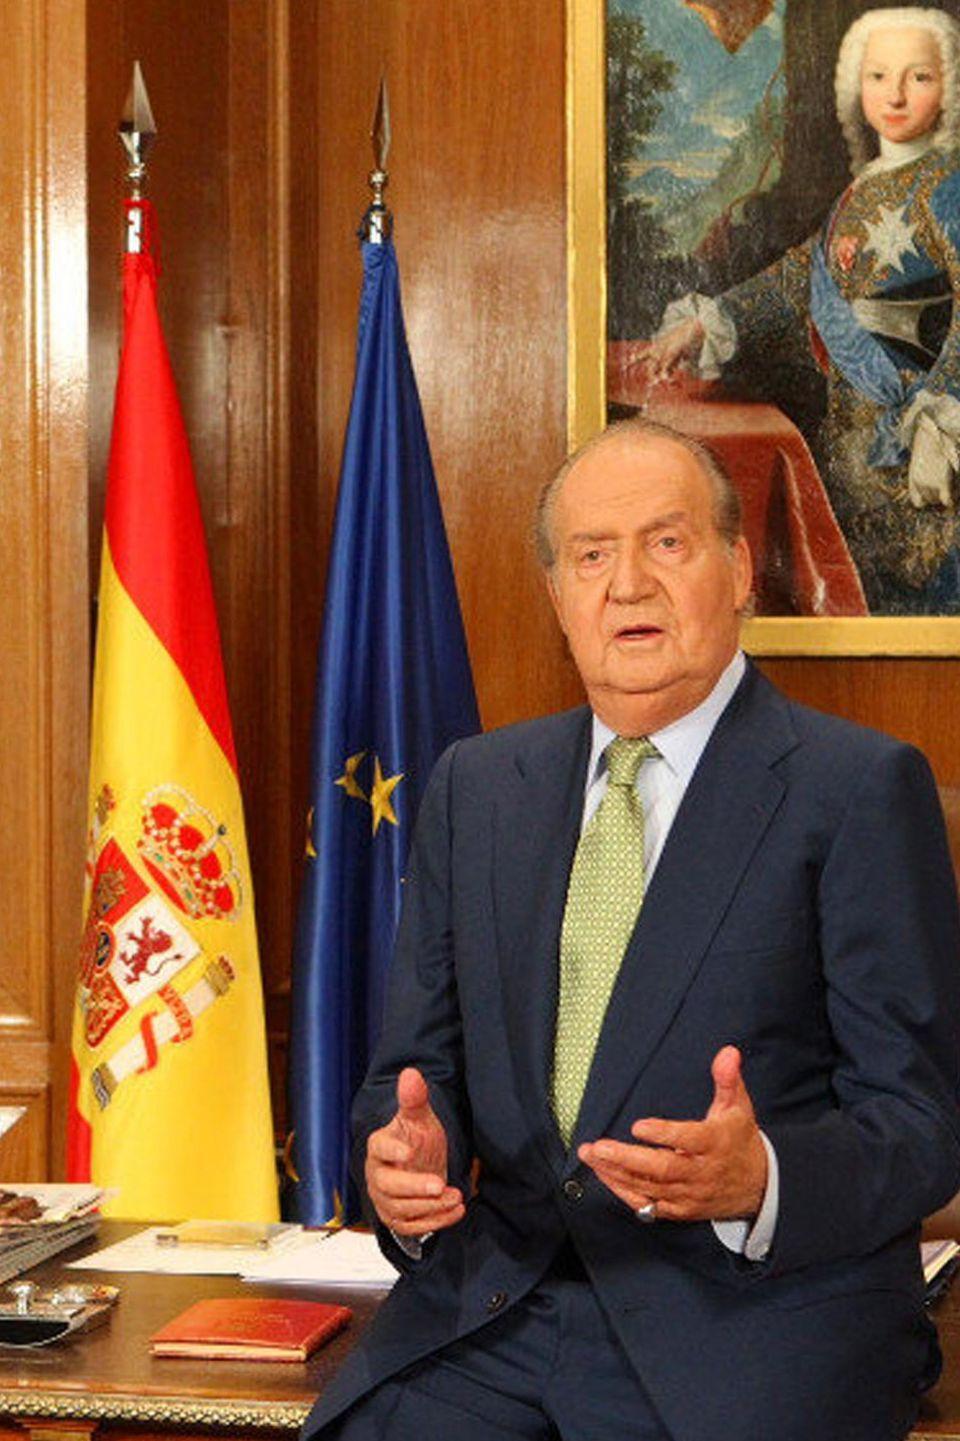 Die Weihnachtsansprache 2012 hält König Juan Carlos von Spanien ganz lässig an seinen Schreibtisch im Zarzuela-Palast in Madrid gelehnt. Neben Zeitungen und Unterlagen stapeln sich Bücher auf dem Tisch. Links neben dem Gemälde hinter ihm stehen die spanische und europäische Flagge vereint.